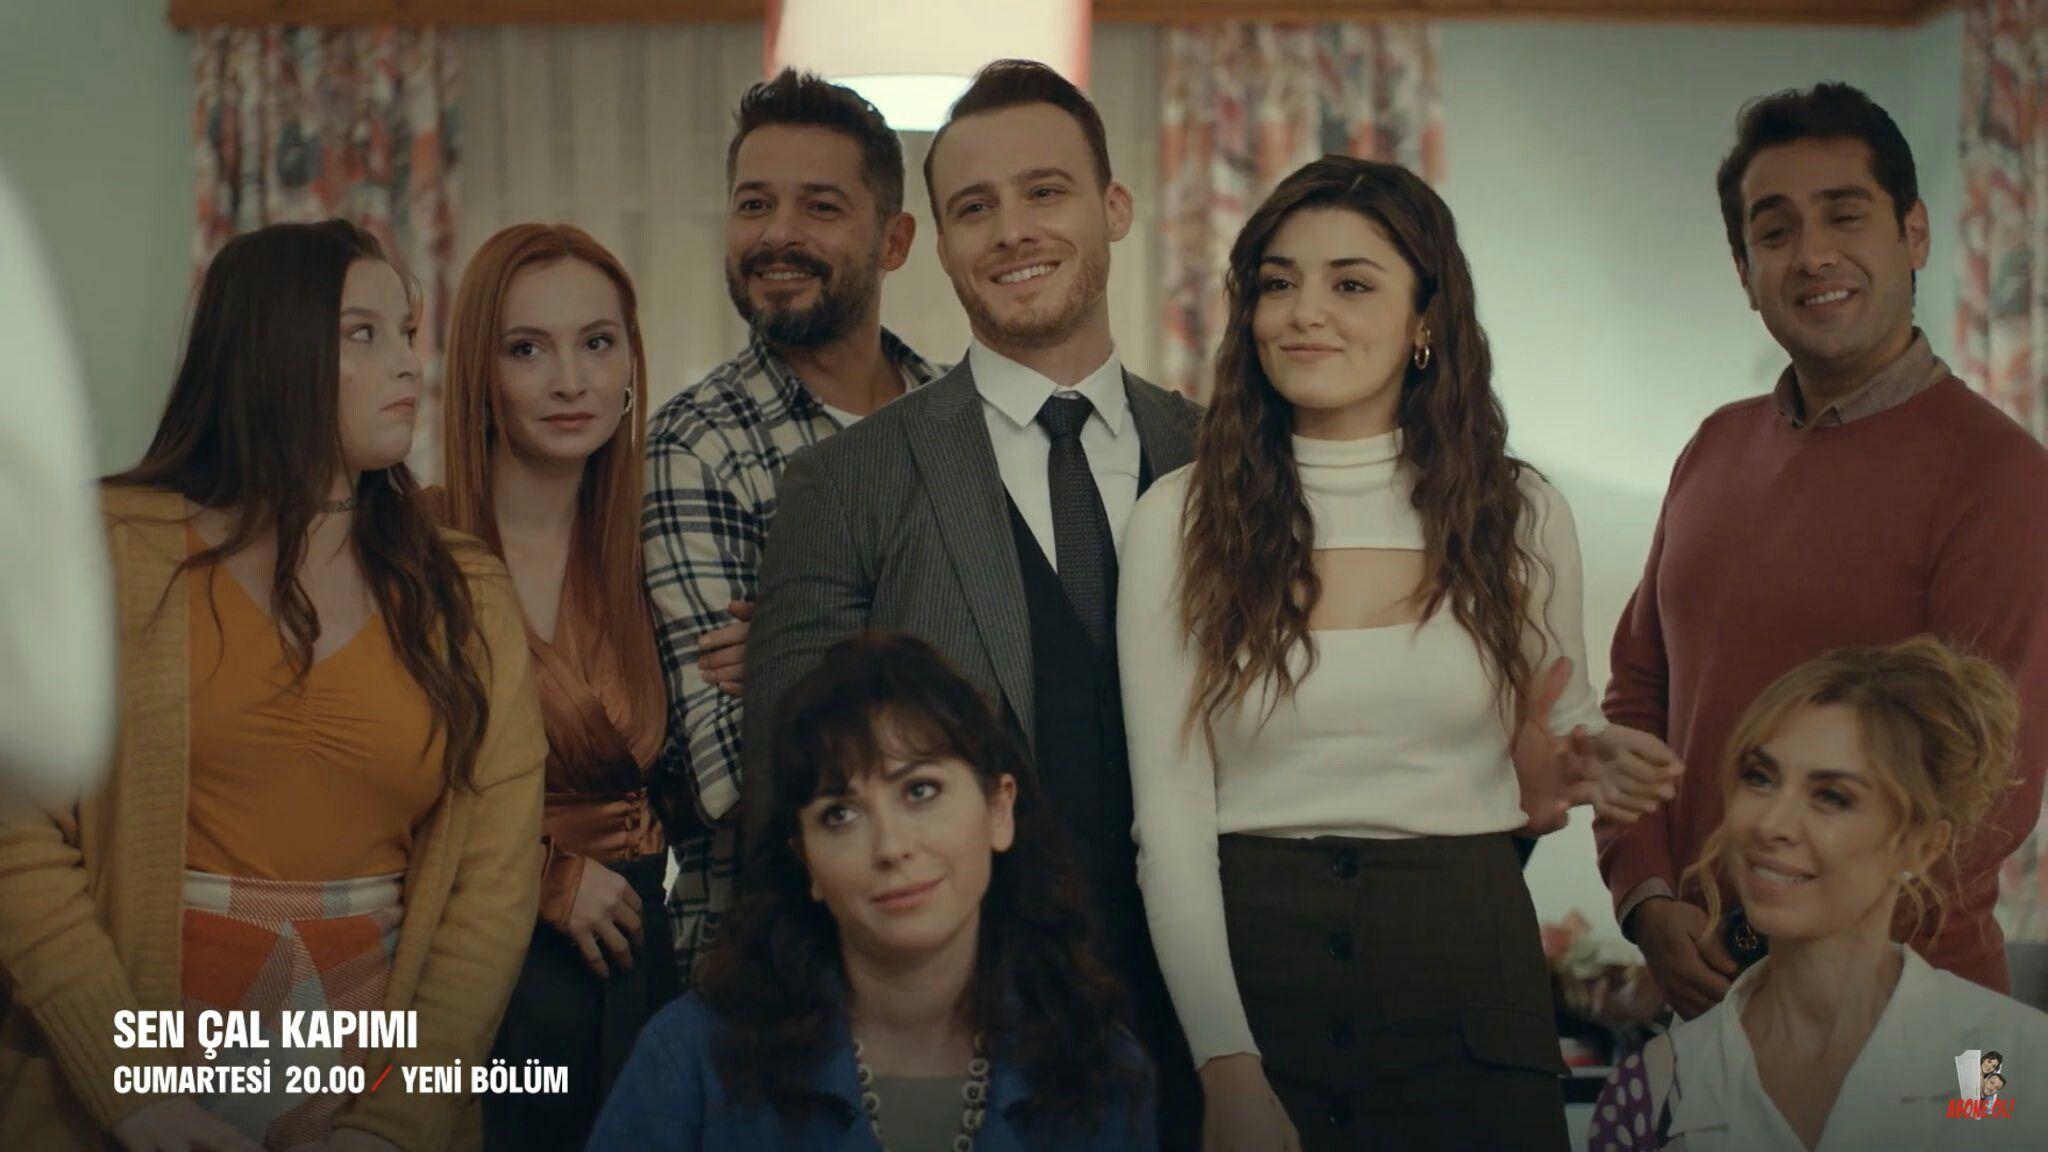 Pin By Firefly On Eda Serkan It Cast Film Aesthetic Gossip Girl Reboot